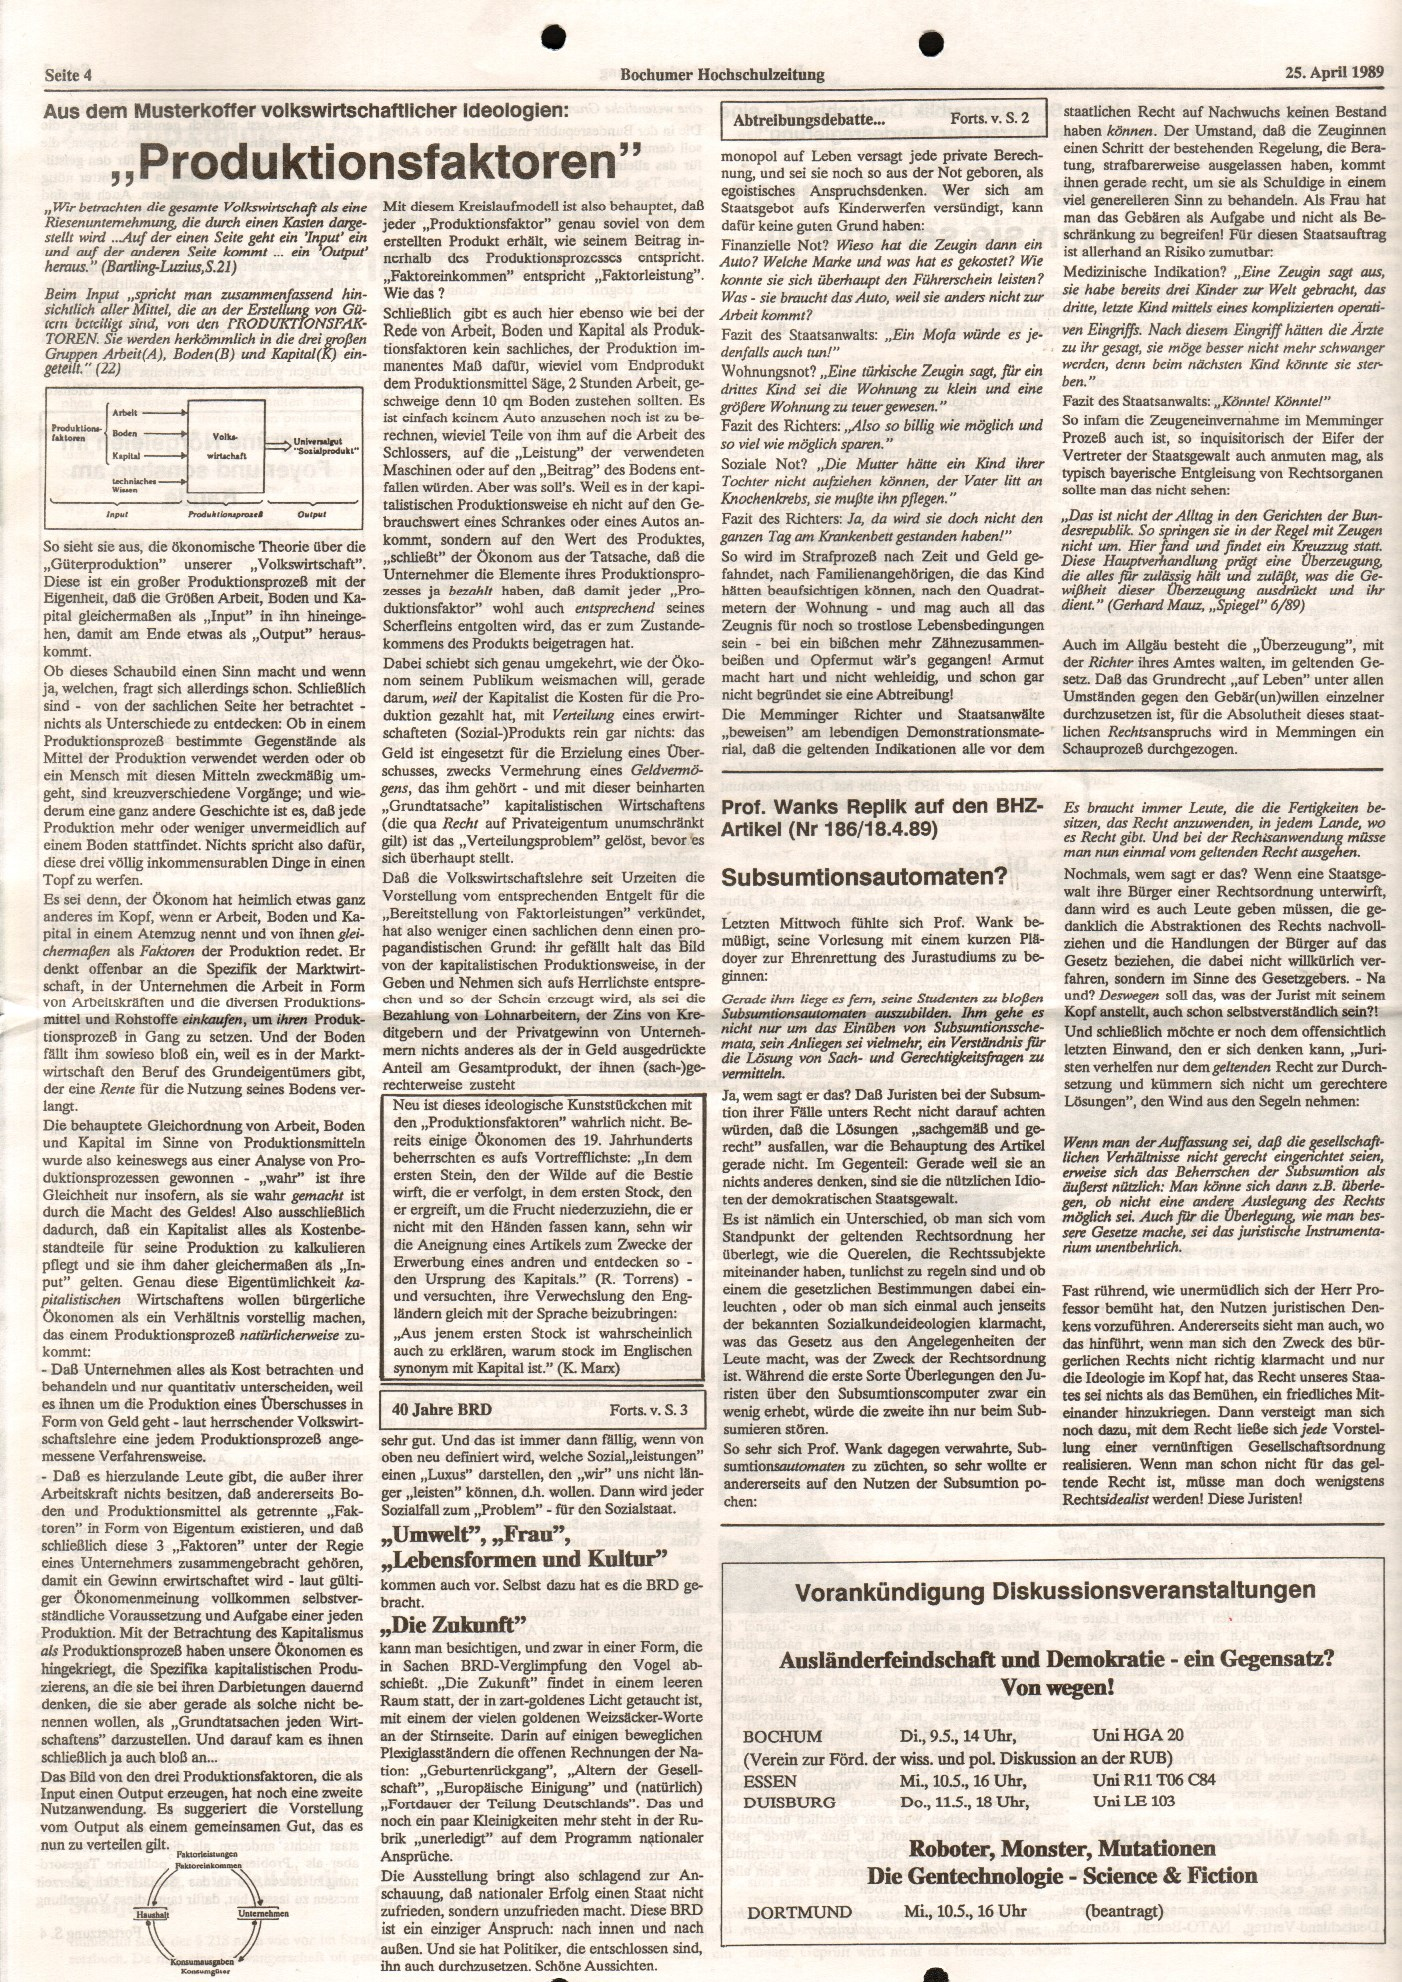 MG_Bochumer_Hochschulzeitung_19890425_04